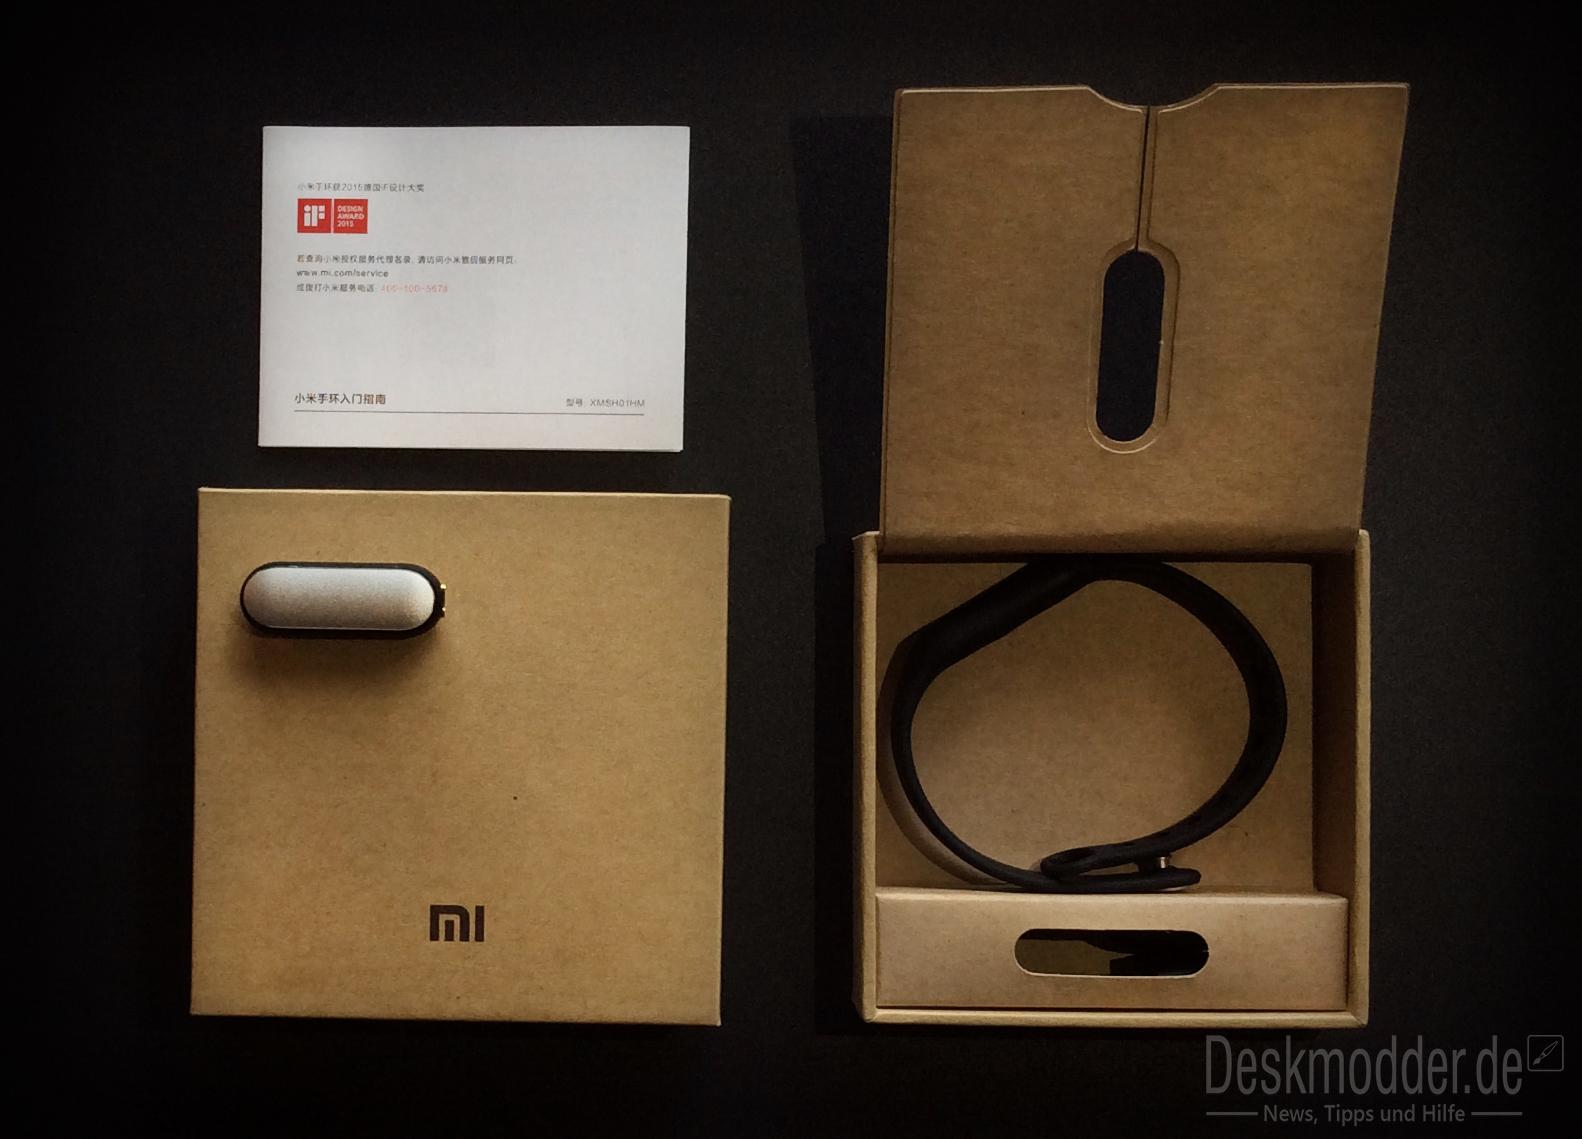 Xiaomi Mi Band: Unboxing und erster Eindruck